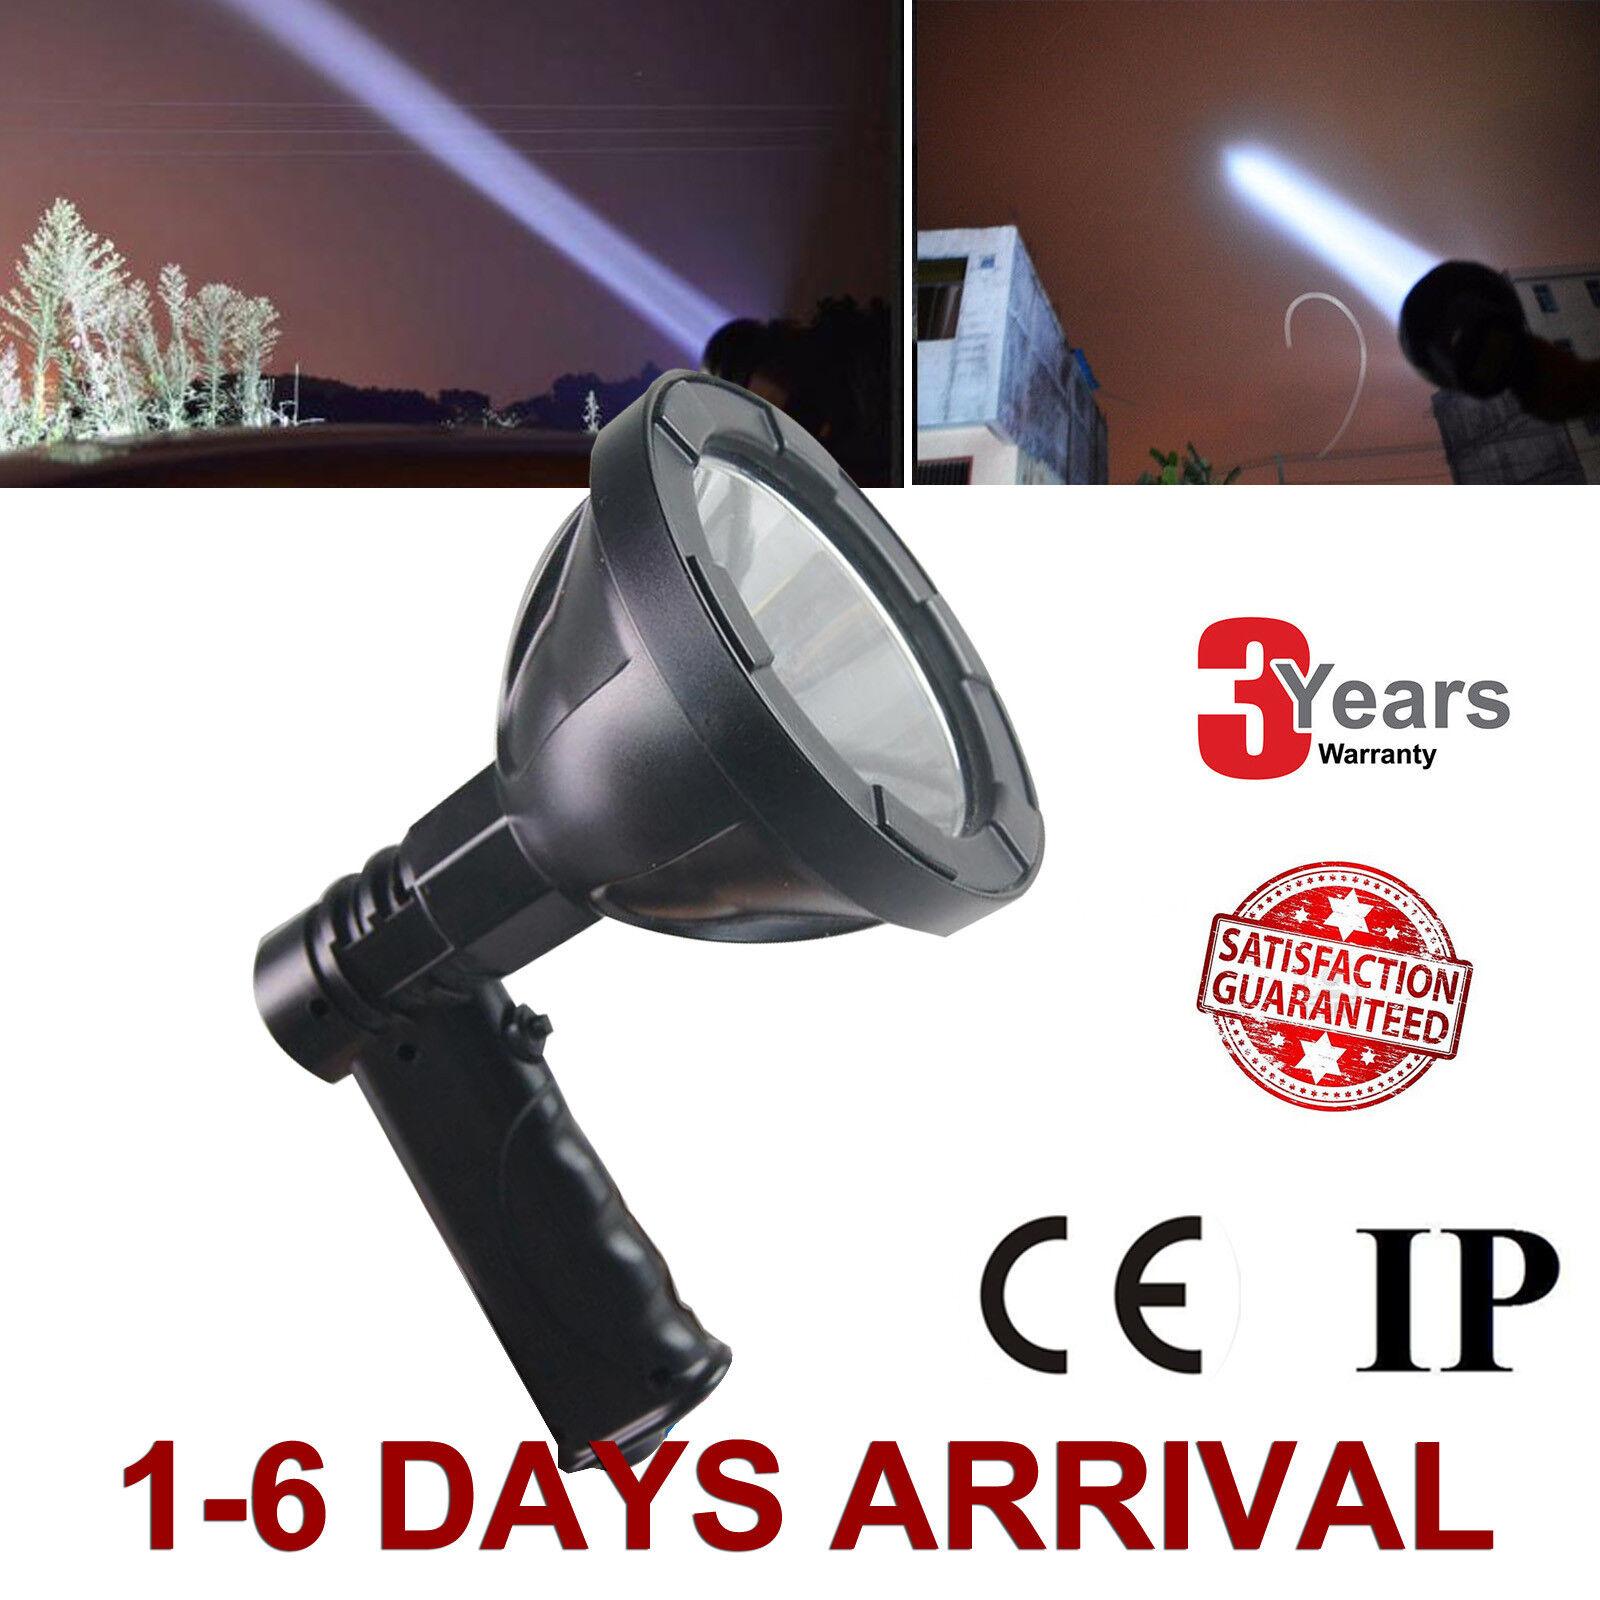 800W 12V HandHeld HID Spotlight Driving Lights Hunting Search light 6000K Bright